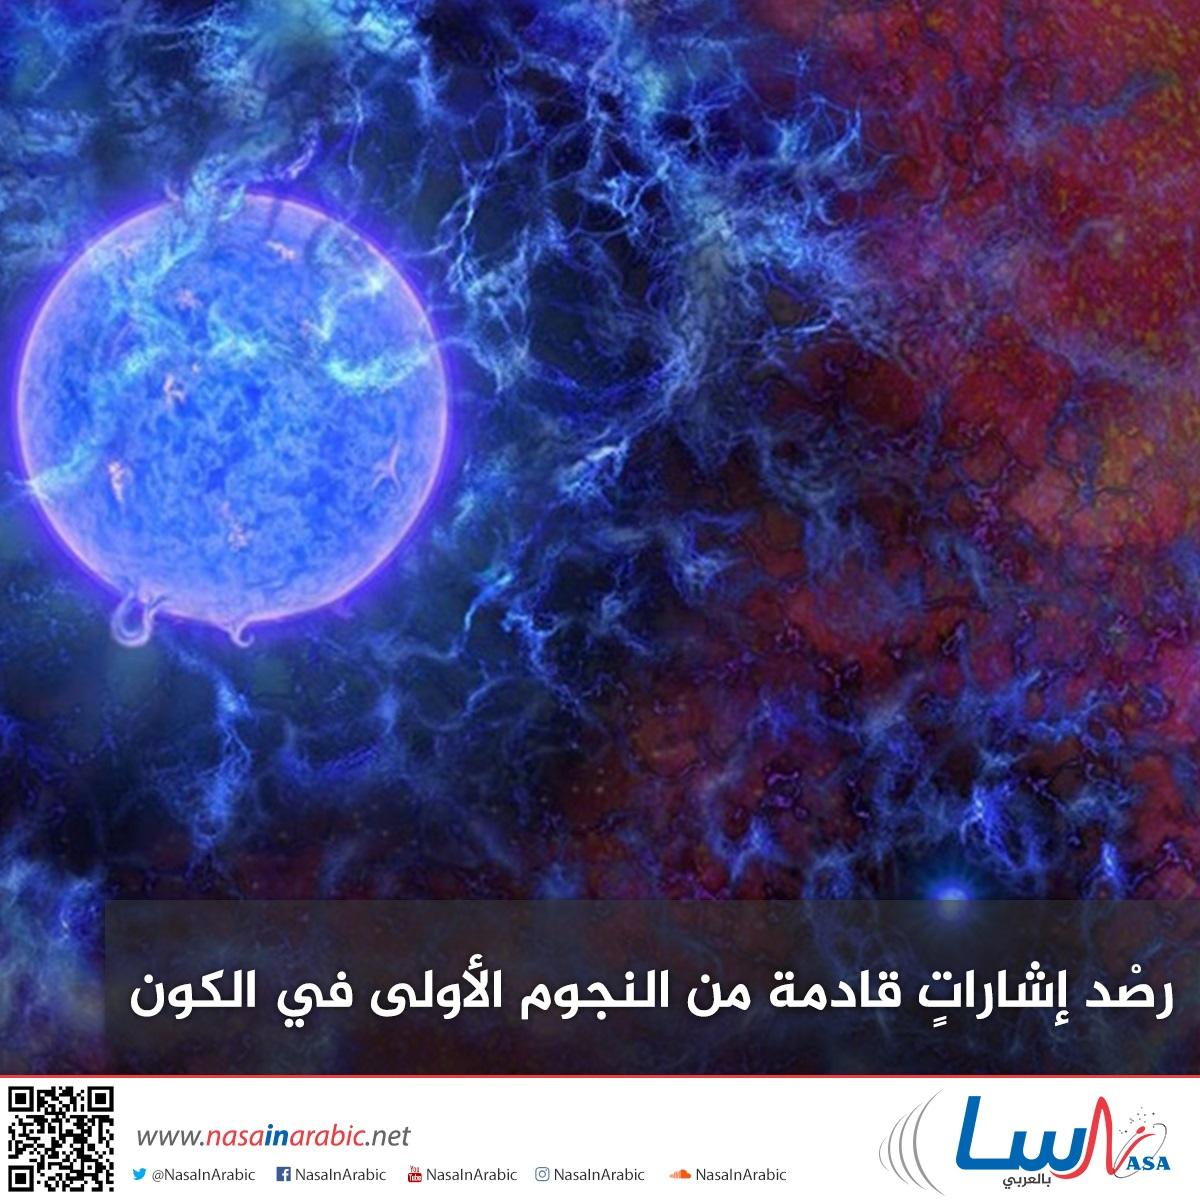 رصد إشارات قادمة من النجوم الأولى في الكون